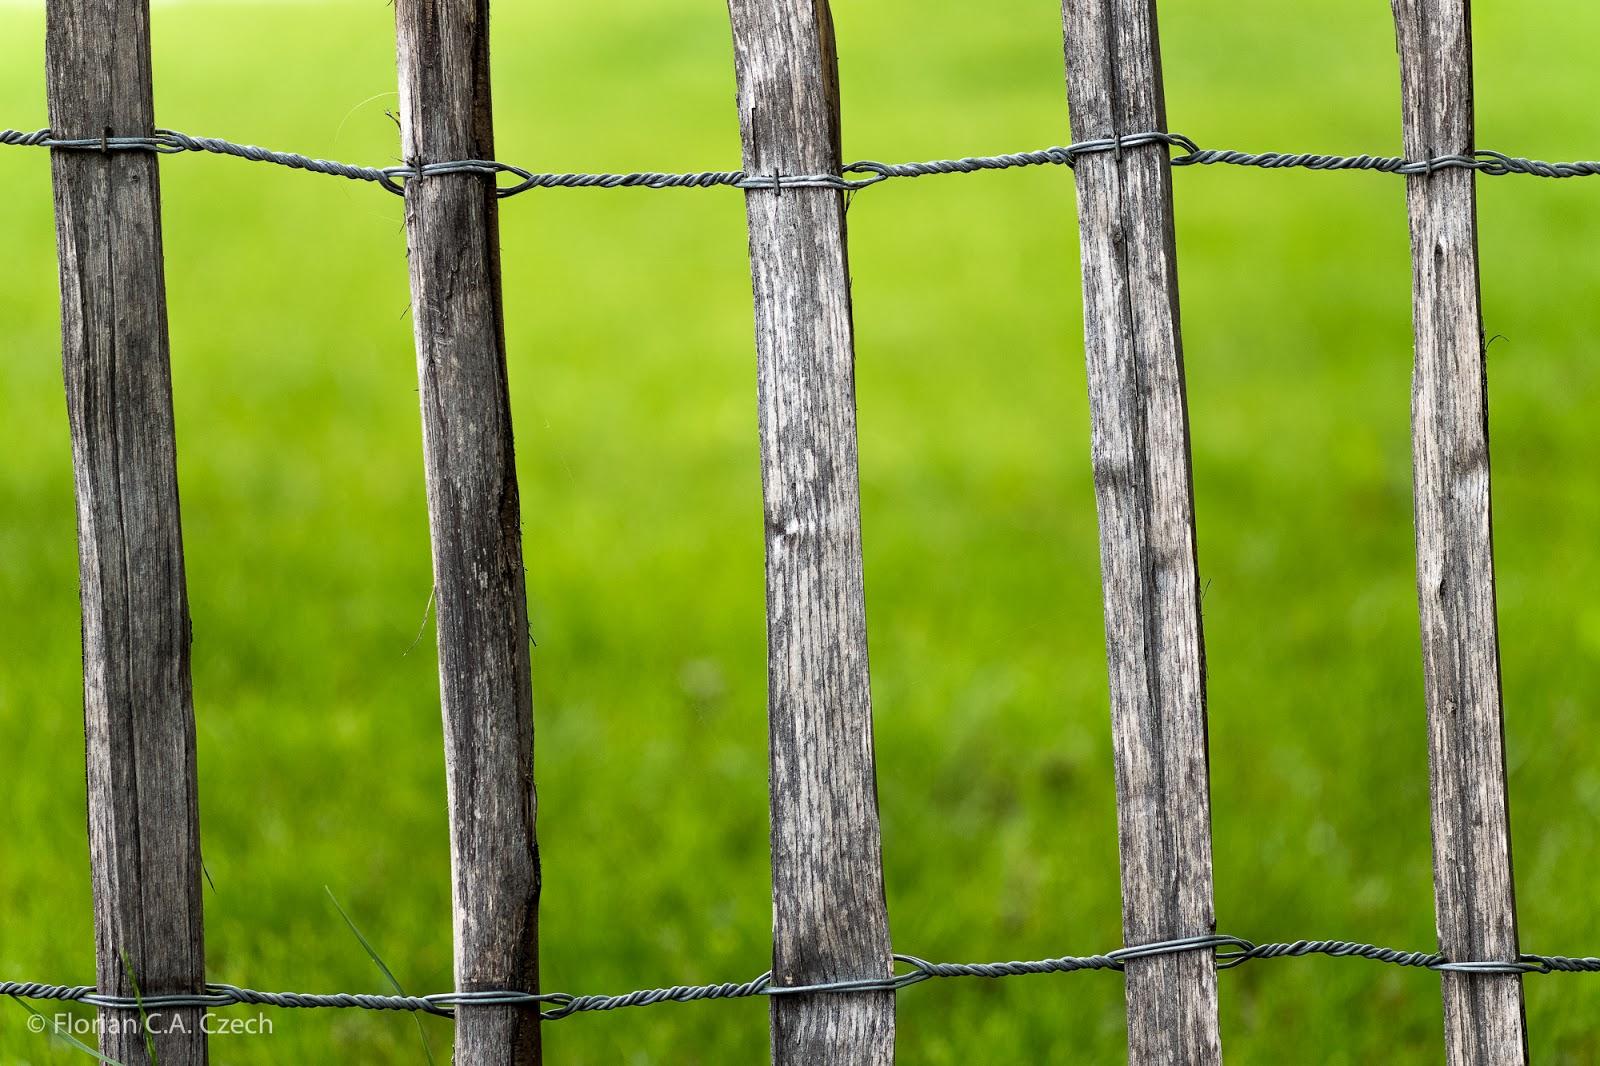 Zaun auf einer grünen Wiese